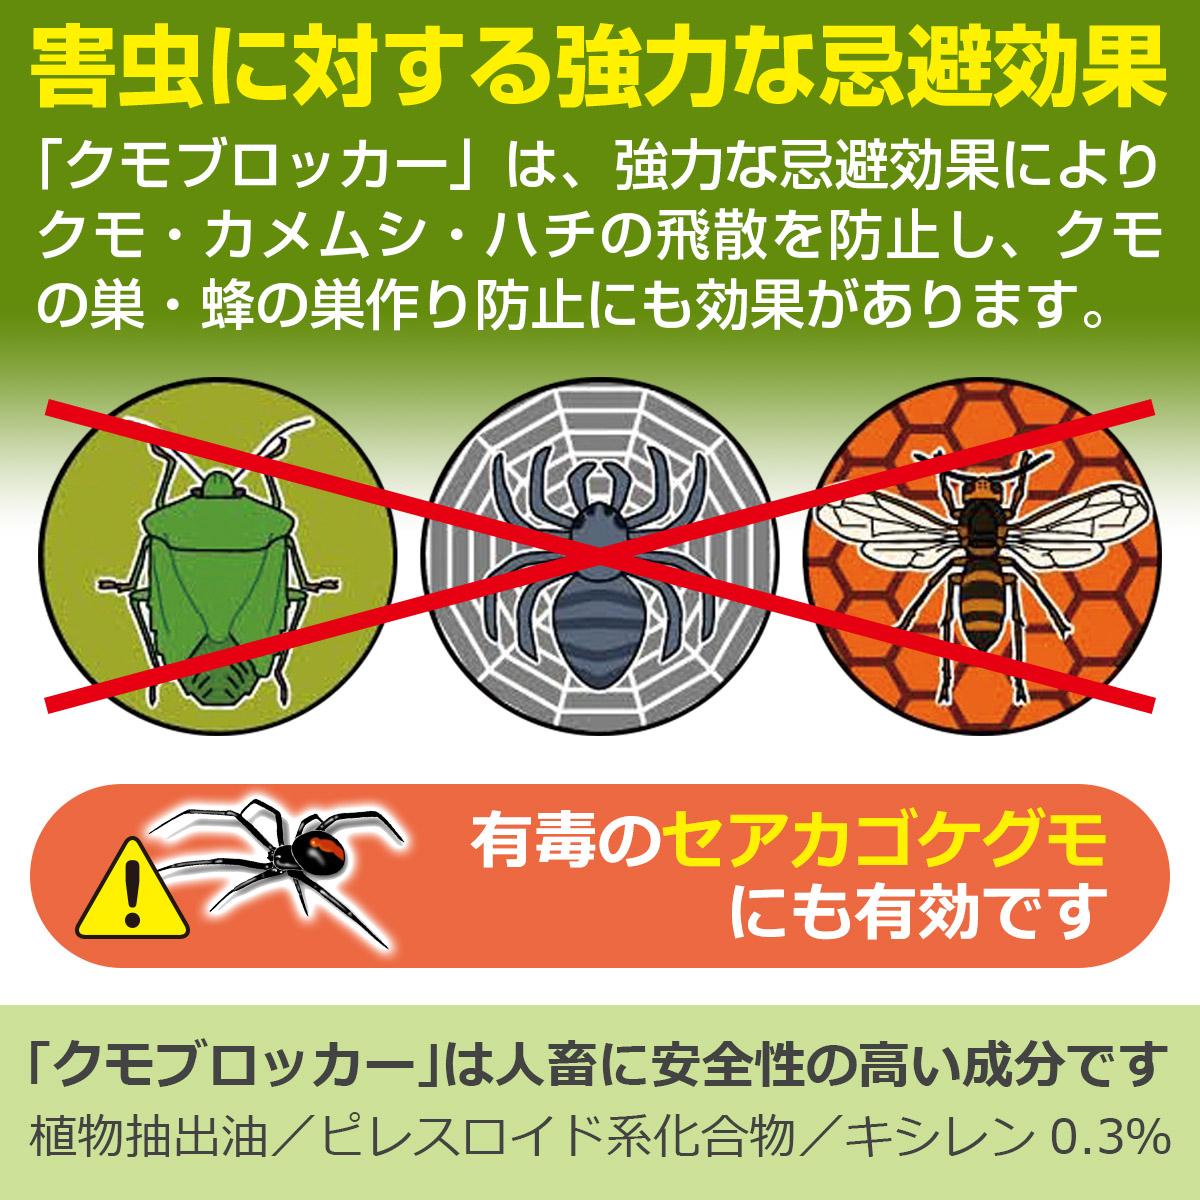 害虫に対する協力な忌避効果 「クモブロッカー」は、強力な忌避効果によりクモ・カメムシ・ハチの飛散を防止し、クモの巣・蜂の巣作り防止にも効果があります 有毒のセアカゴケグモにも有効です 人畜に安全性の高い成分を使用(植物抽出油・ピレスロイド系化合物・キシレン0.3%)